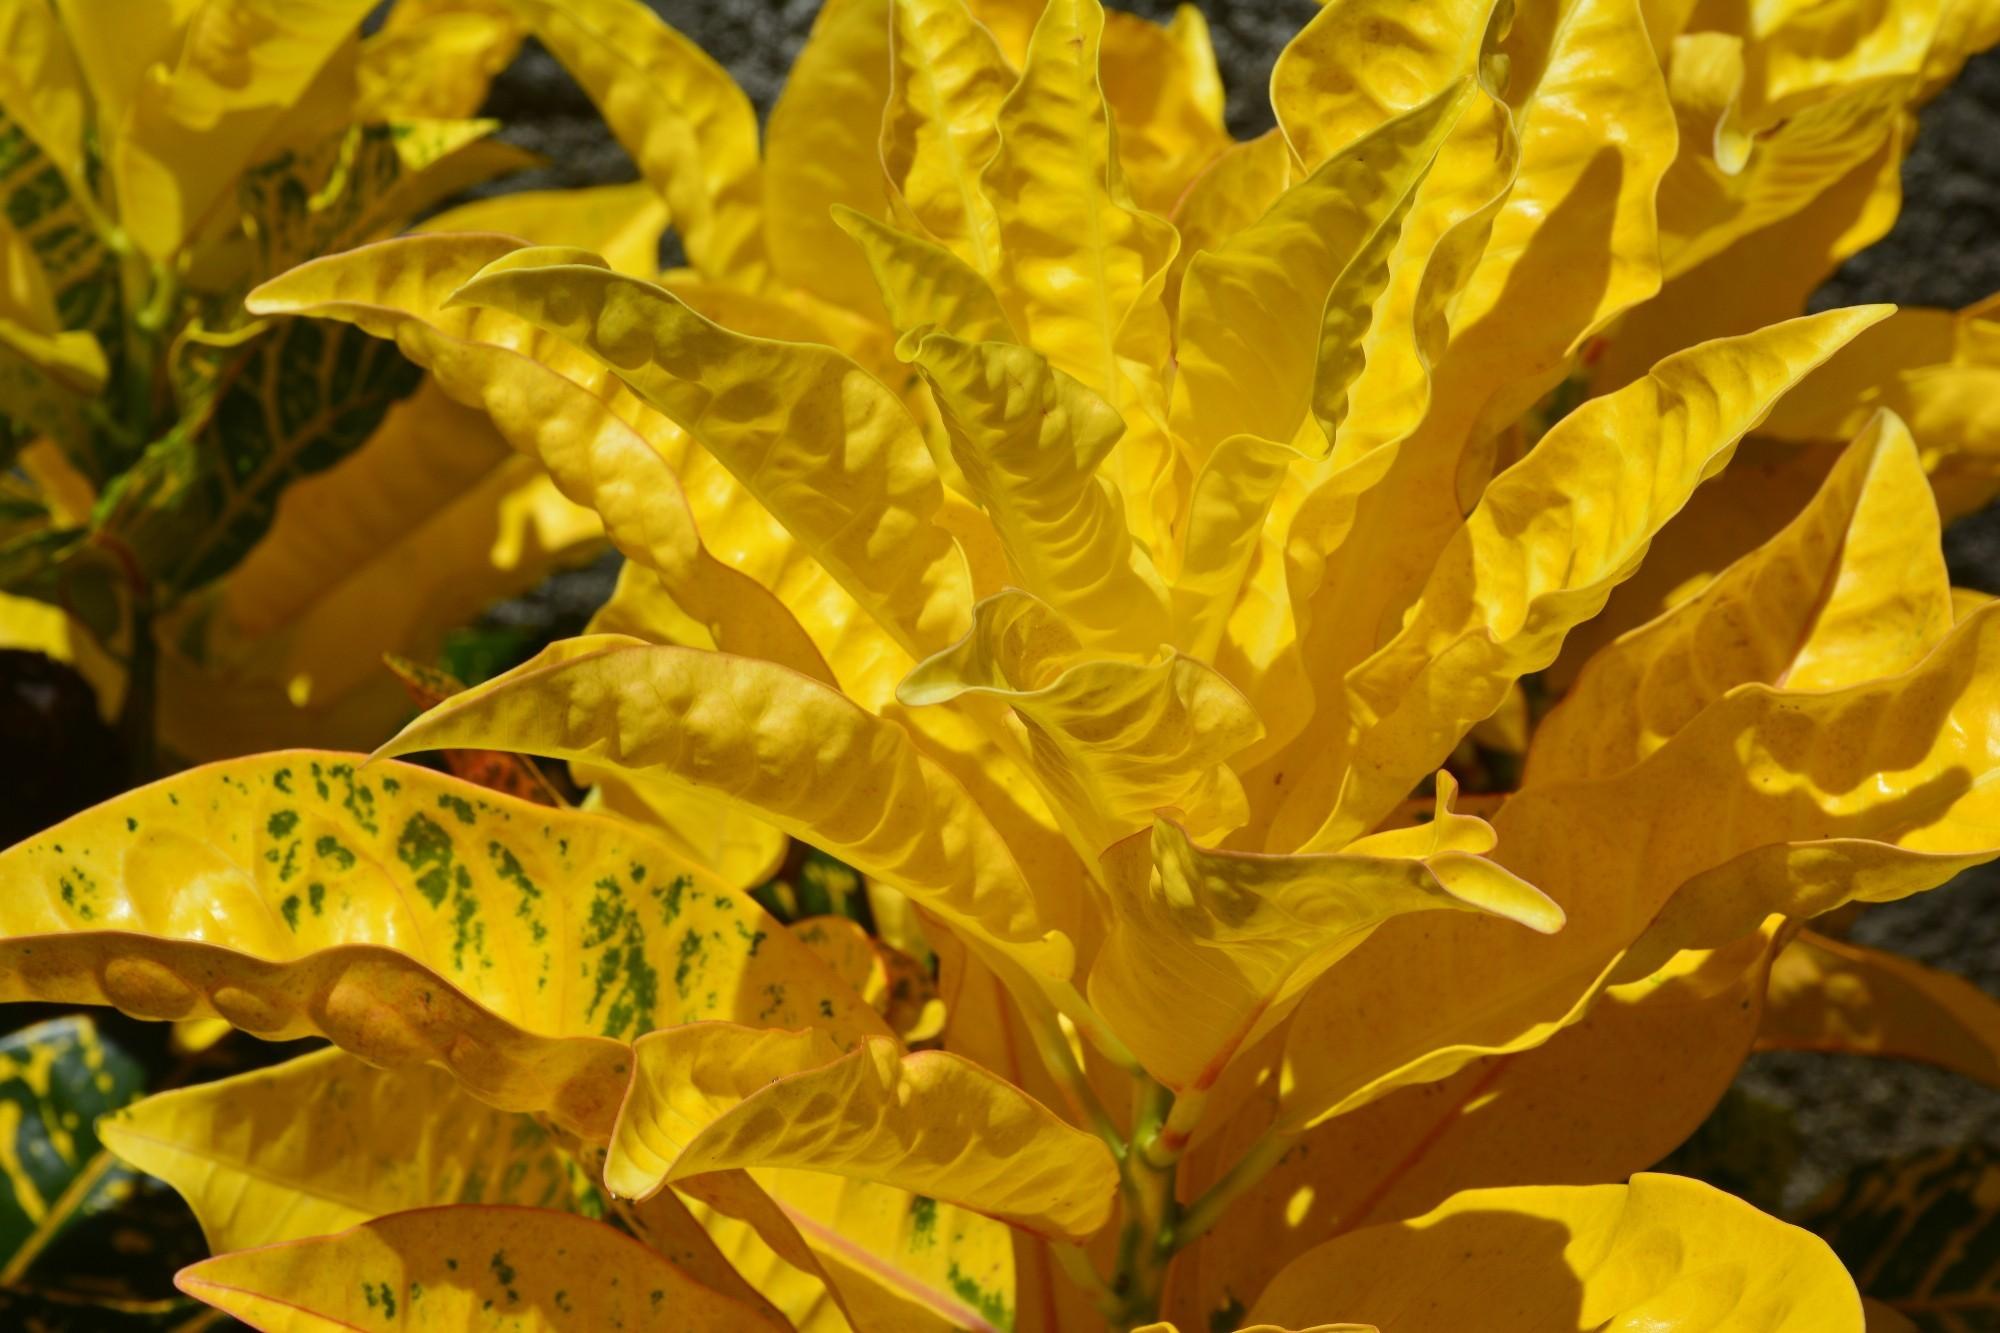 grand-feuillage-jaune-sous-lesl-tropiques-HDR